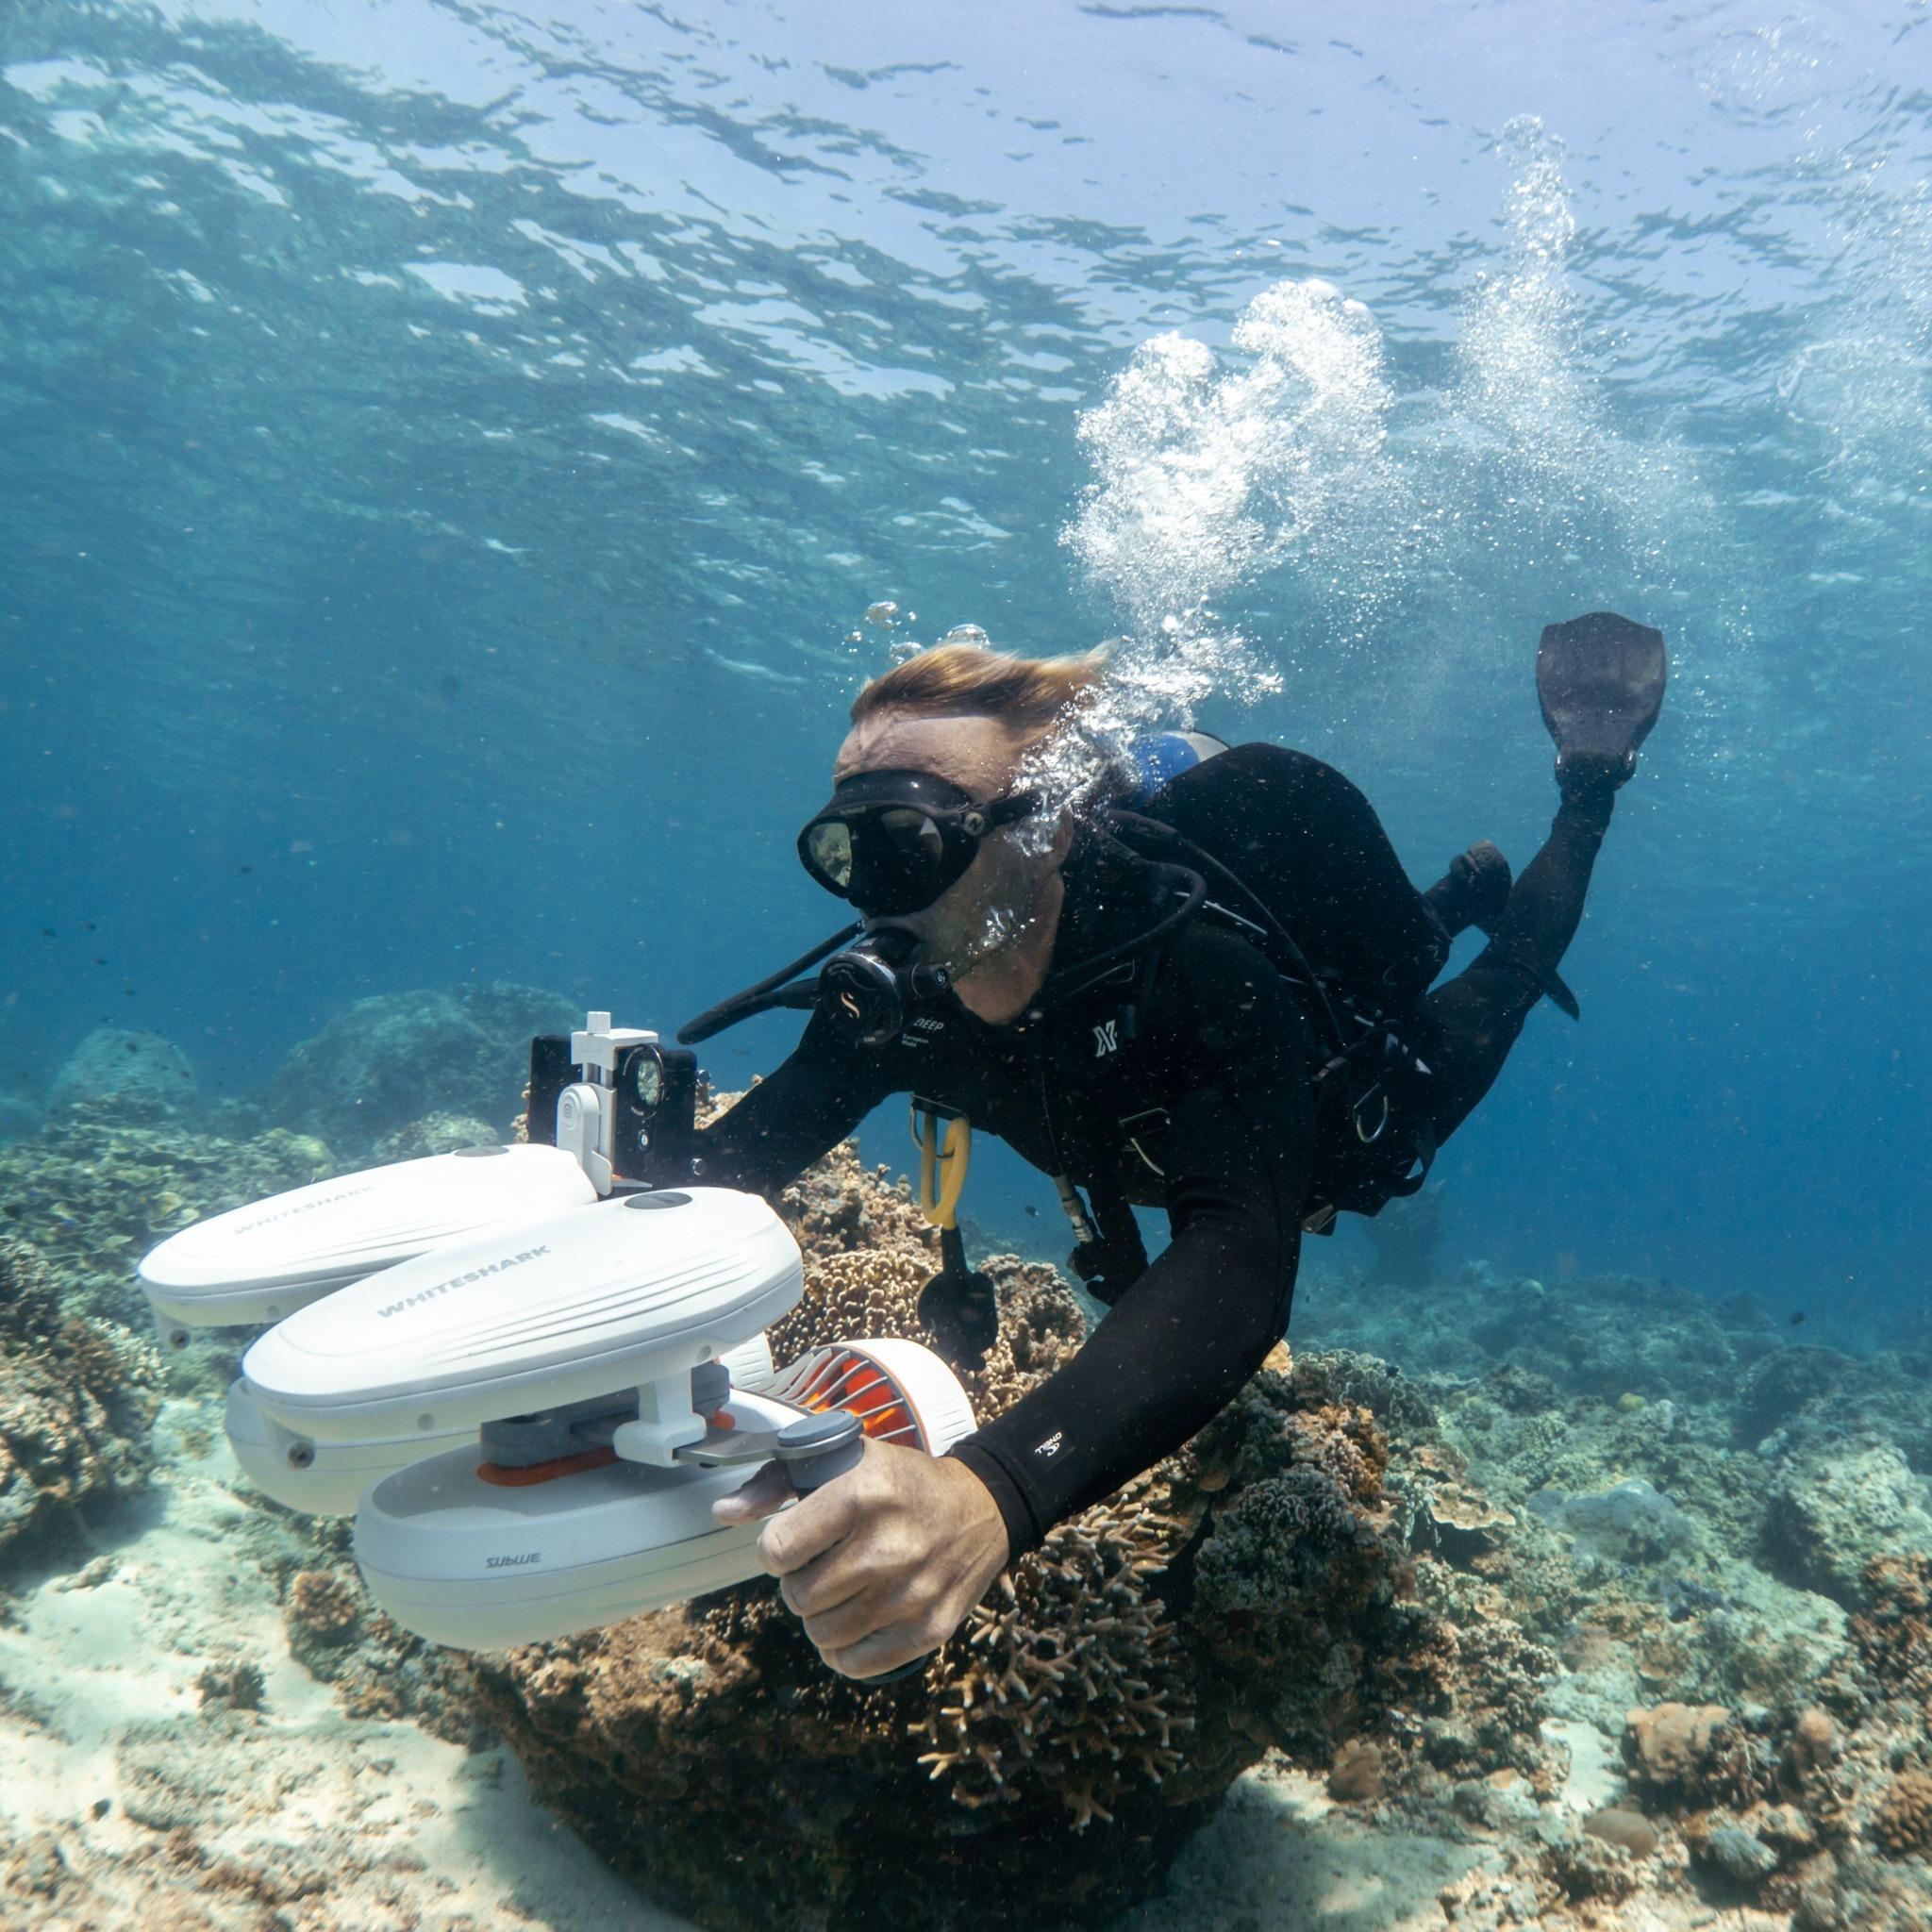 WhiteShark Tini underwater scooter